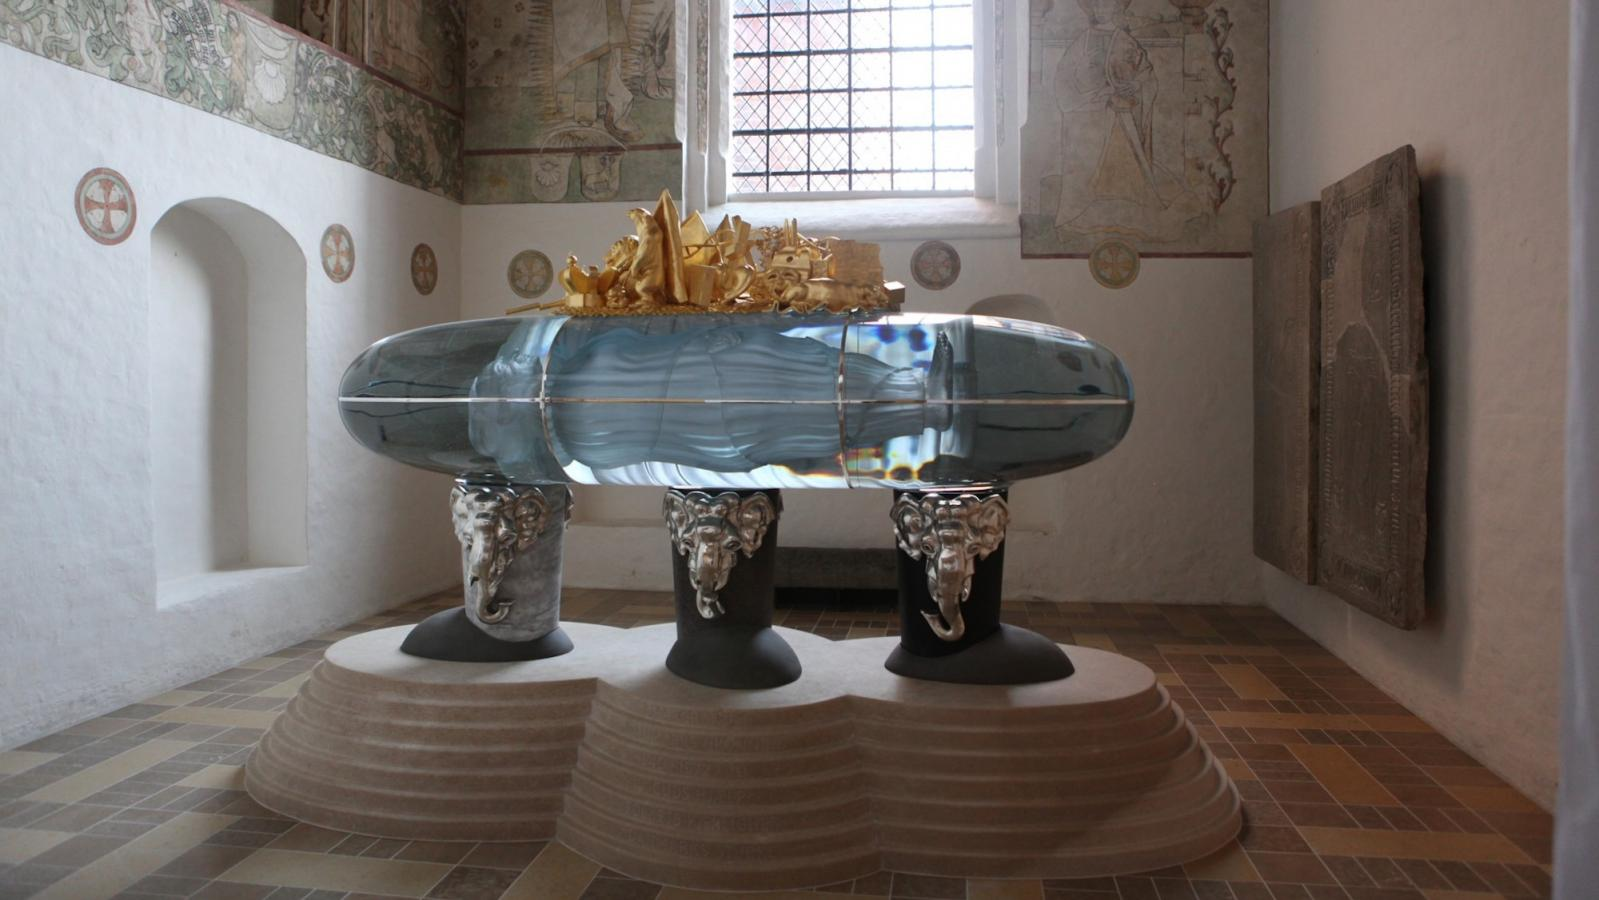 Skleněný sarkofág v katedrále v Roskilde